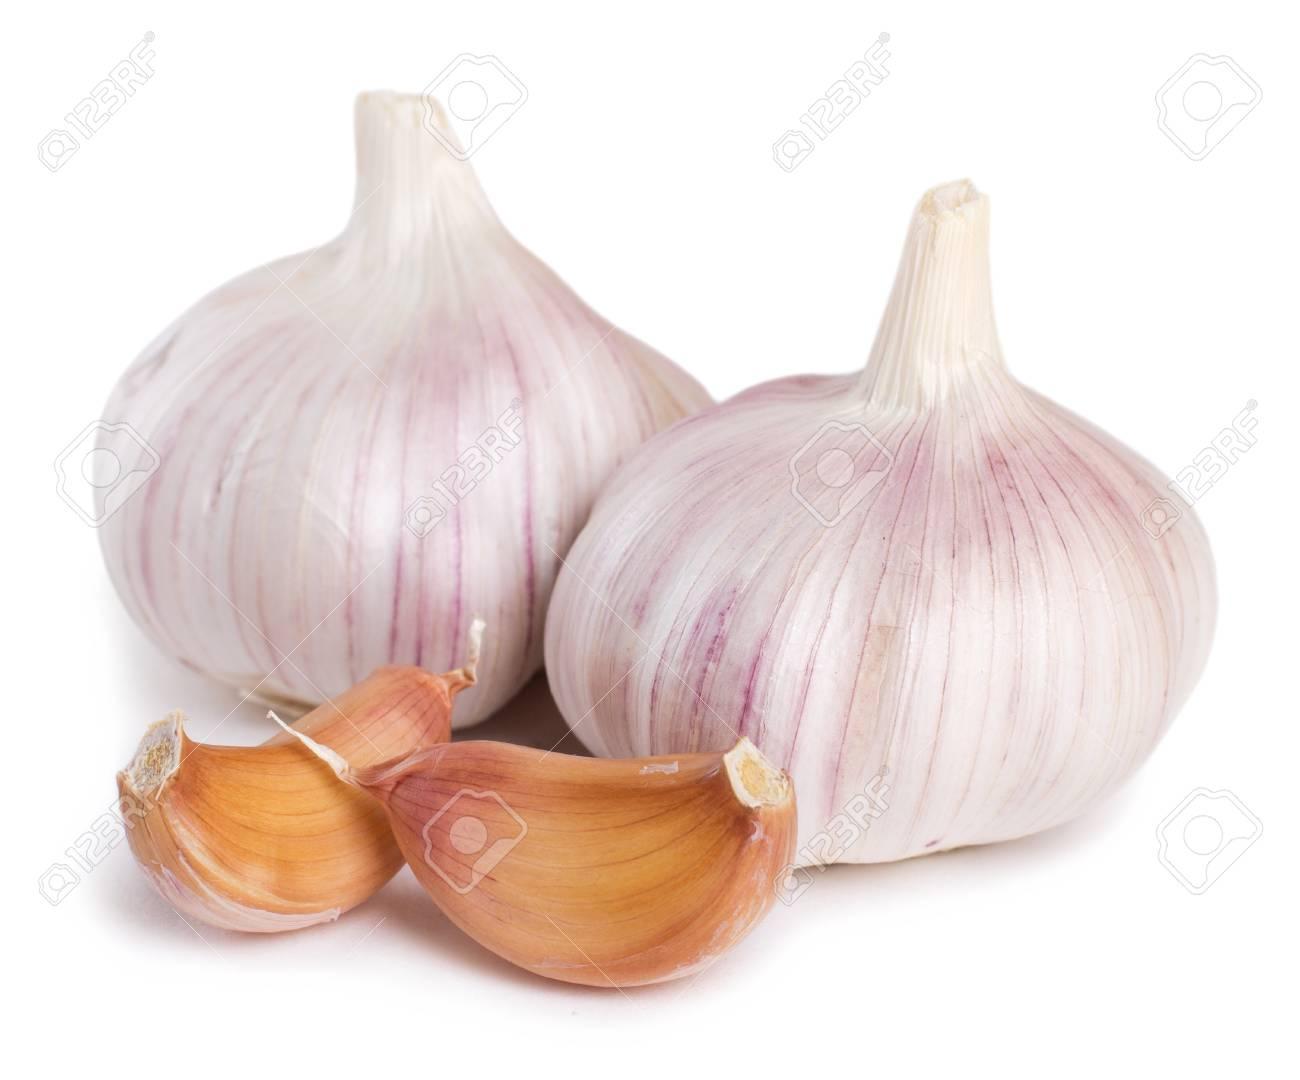 fresh garlic isolated on white background - 125188738